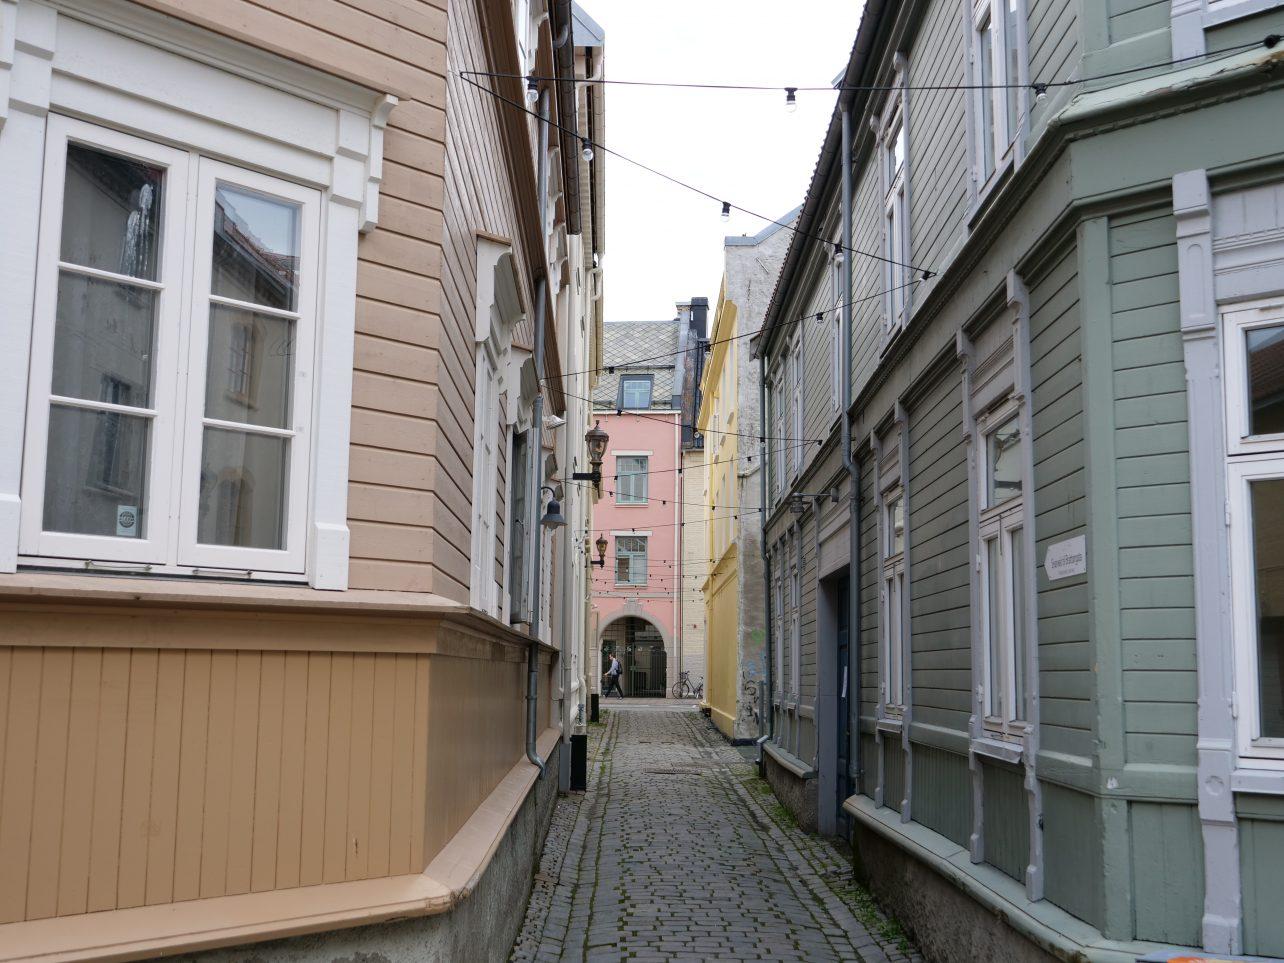 Maisons et bardages en bois à Trondheim